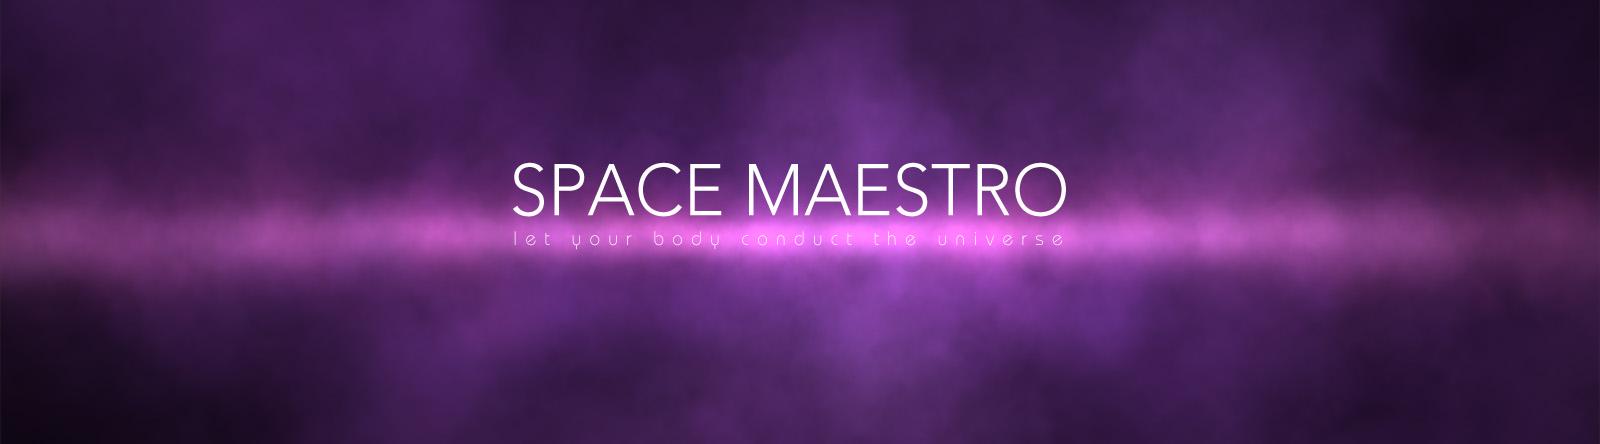 SPACE MAESTRO